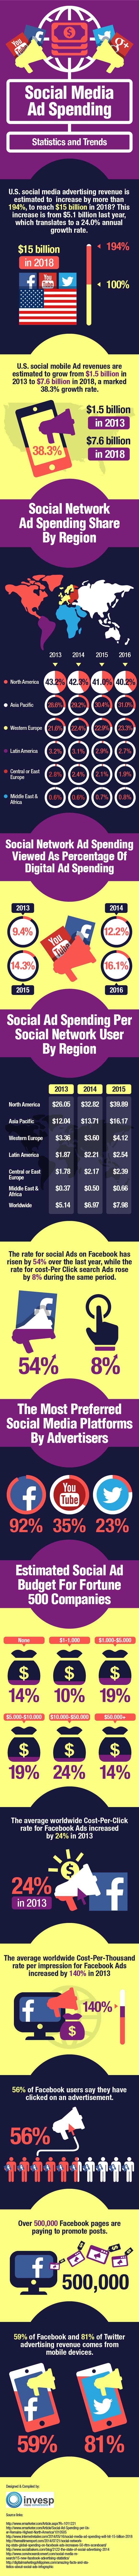 social media ad spends 2015